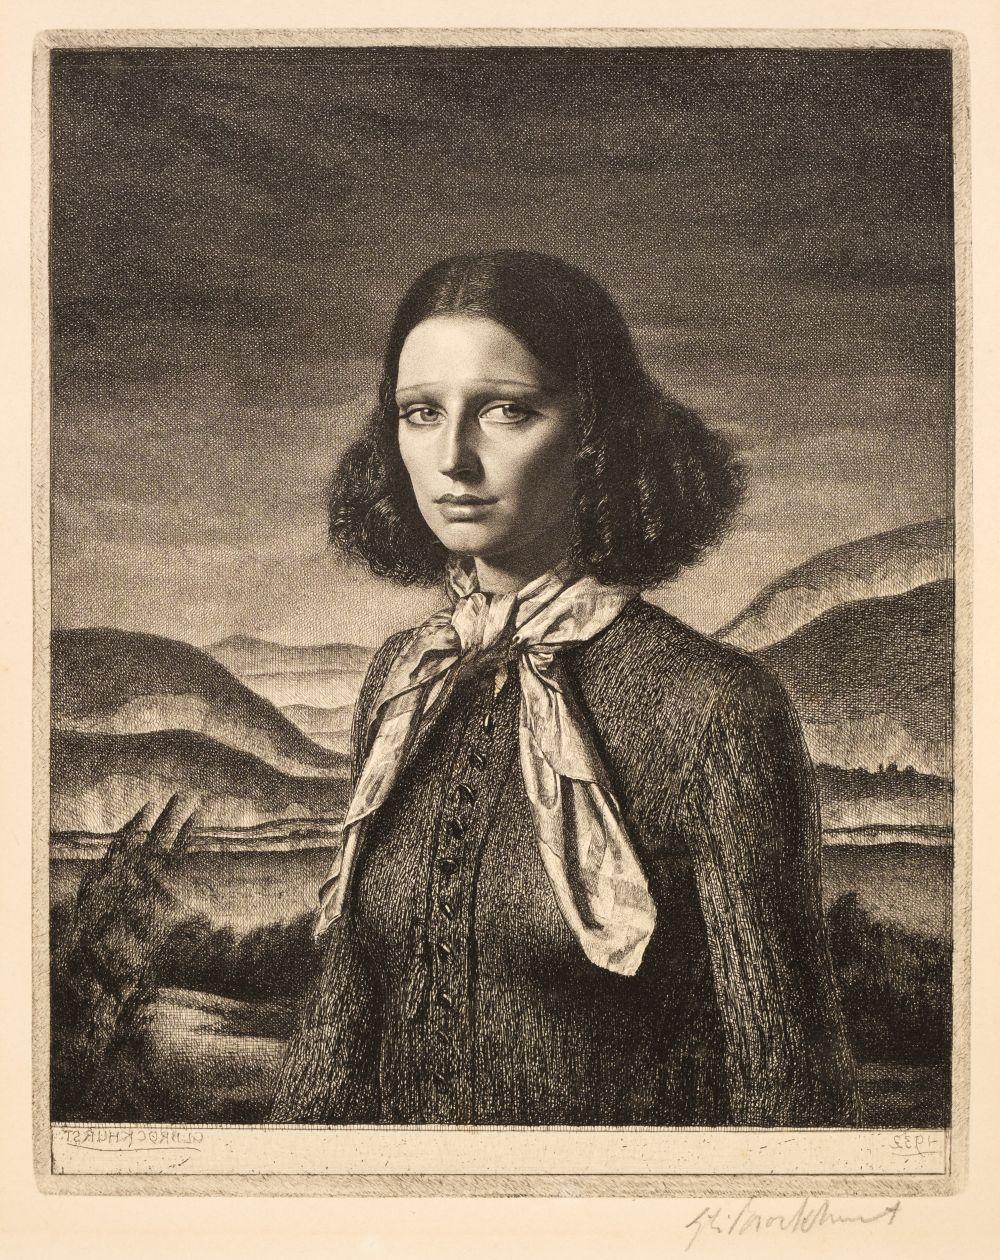 ARR * § Brockhurst (Gerald Leslie, 1890-1978). Dorette, 1932